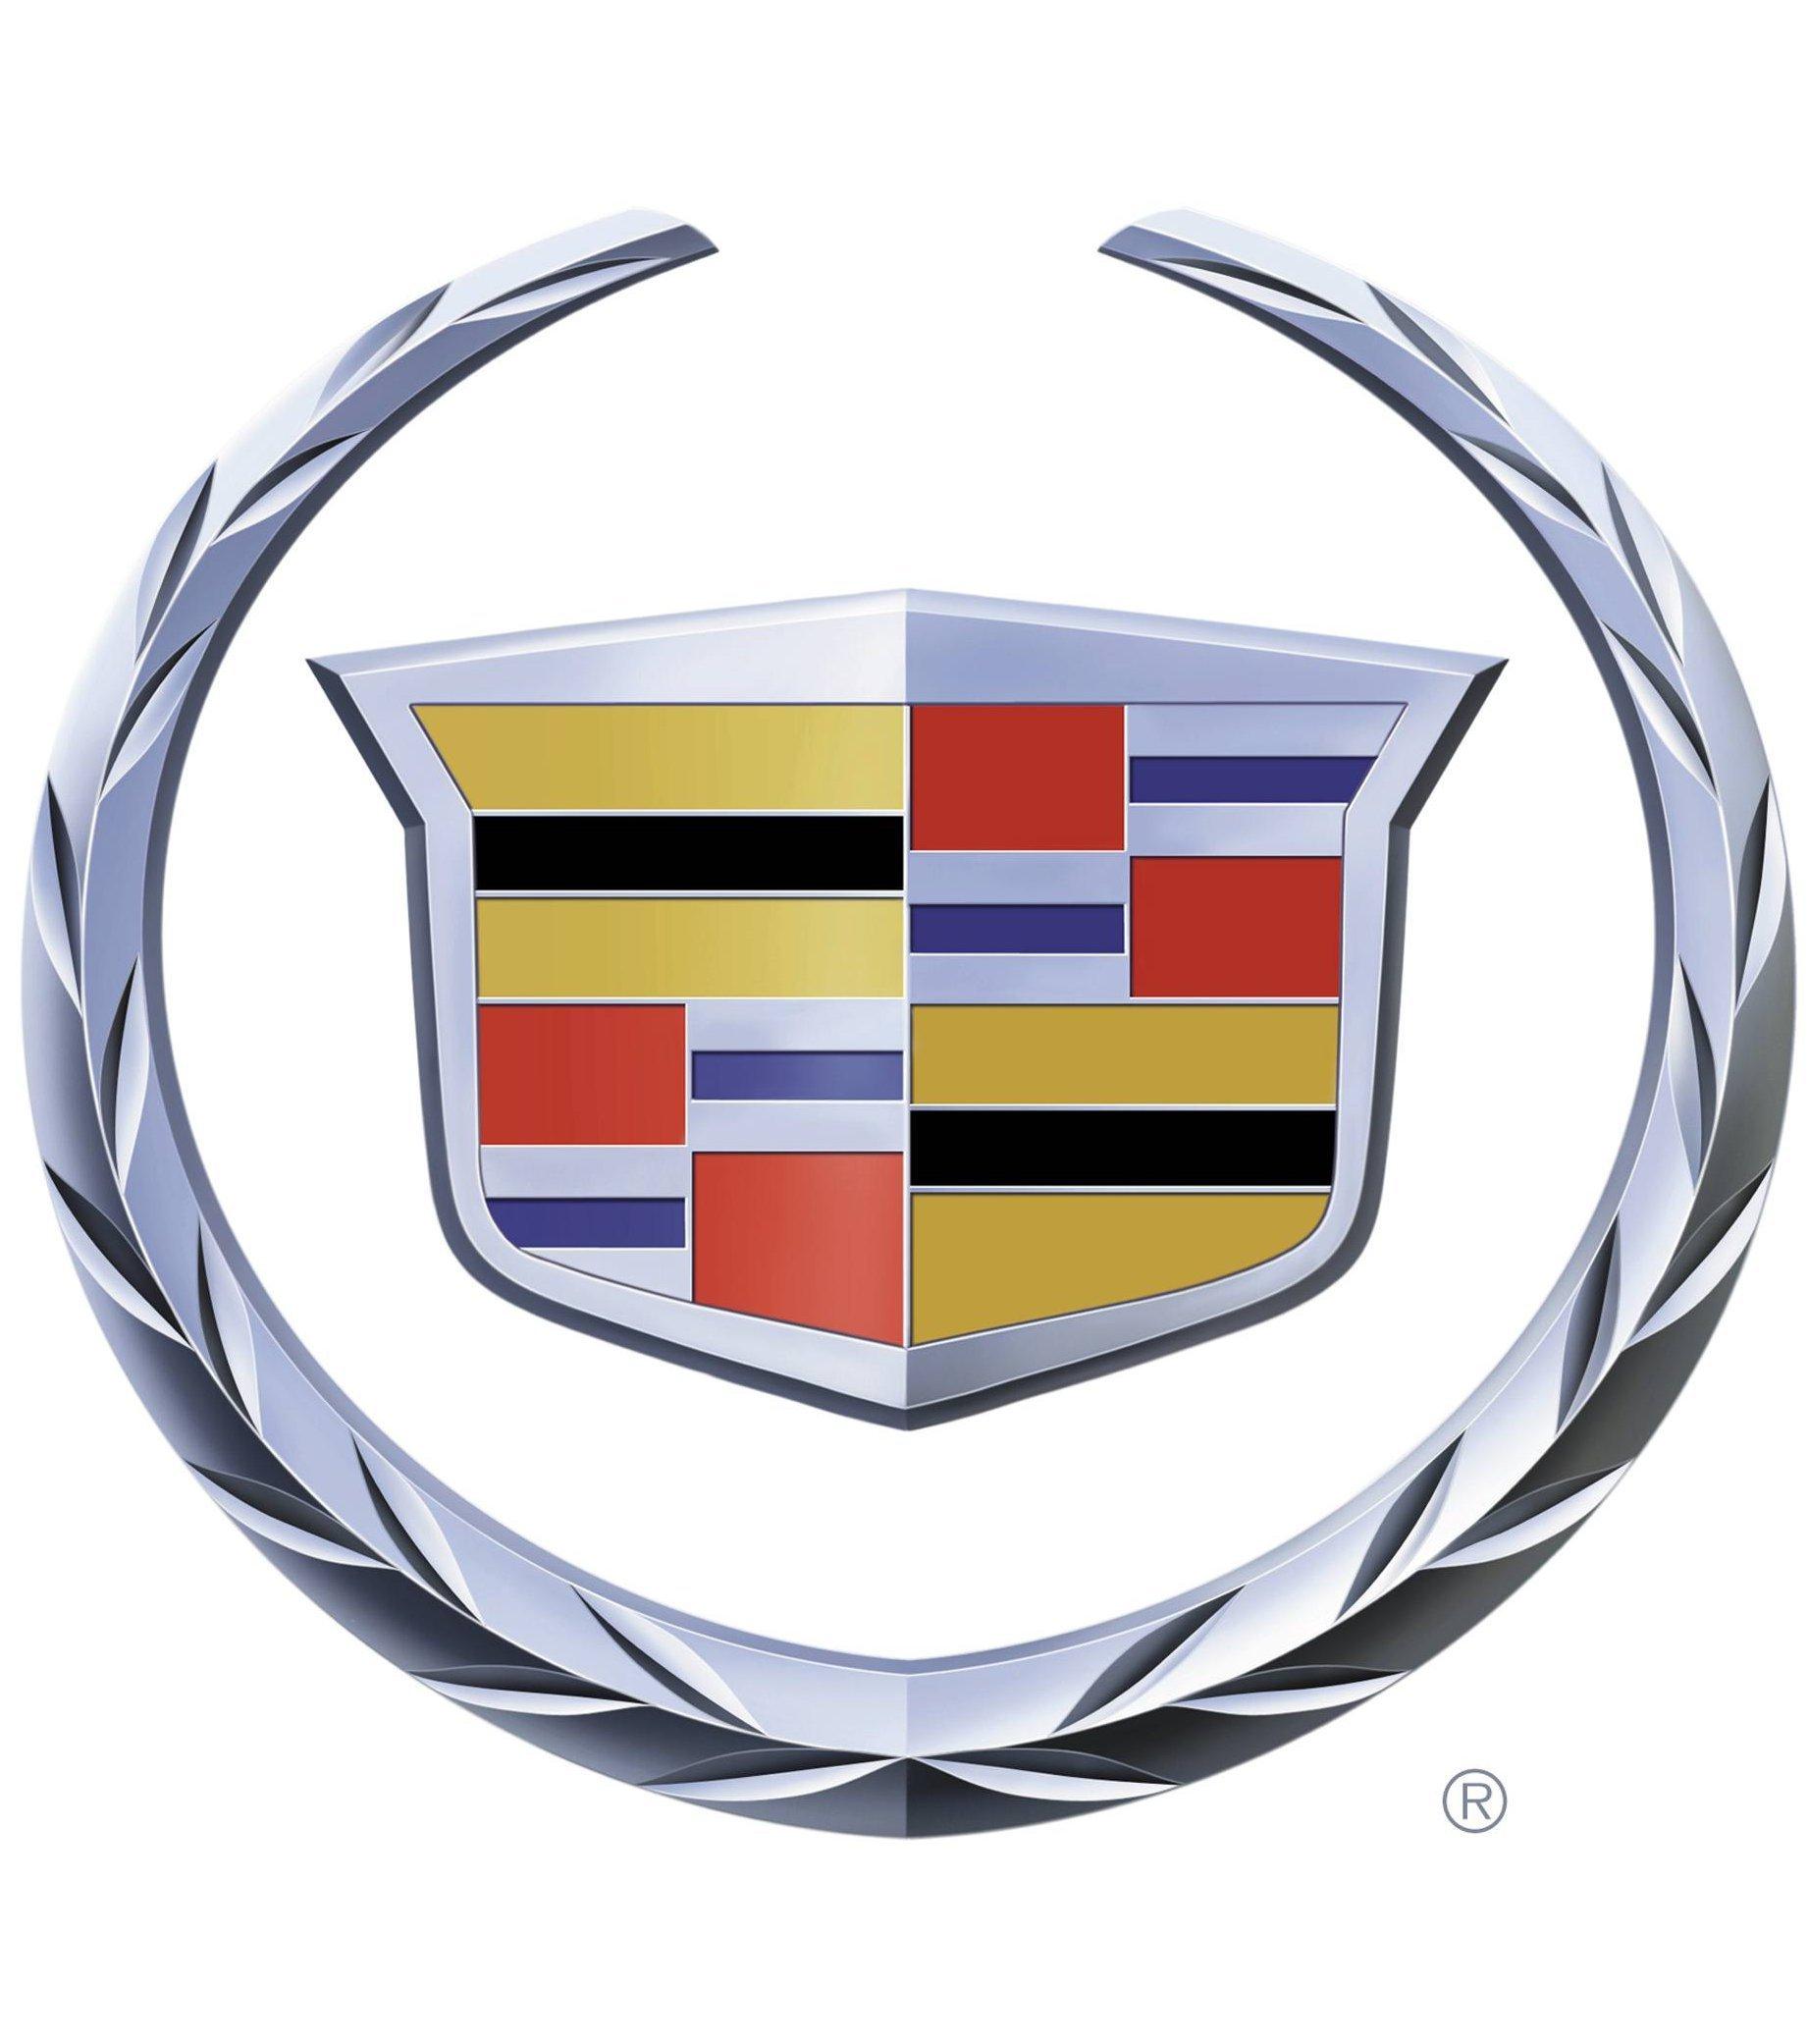 Entdeckt Die Logos Der Grossten Automarken